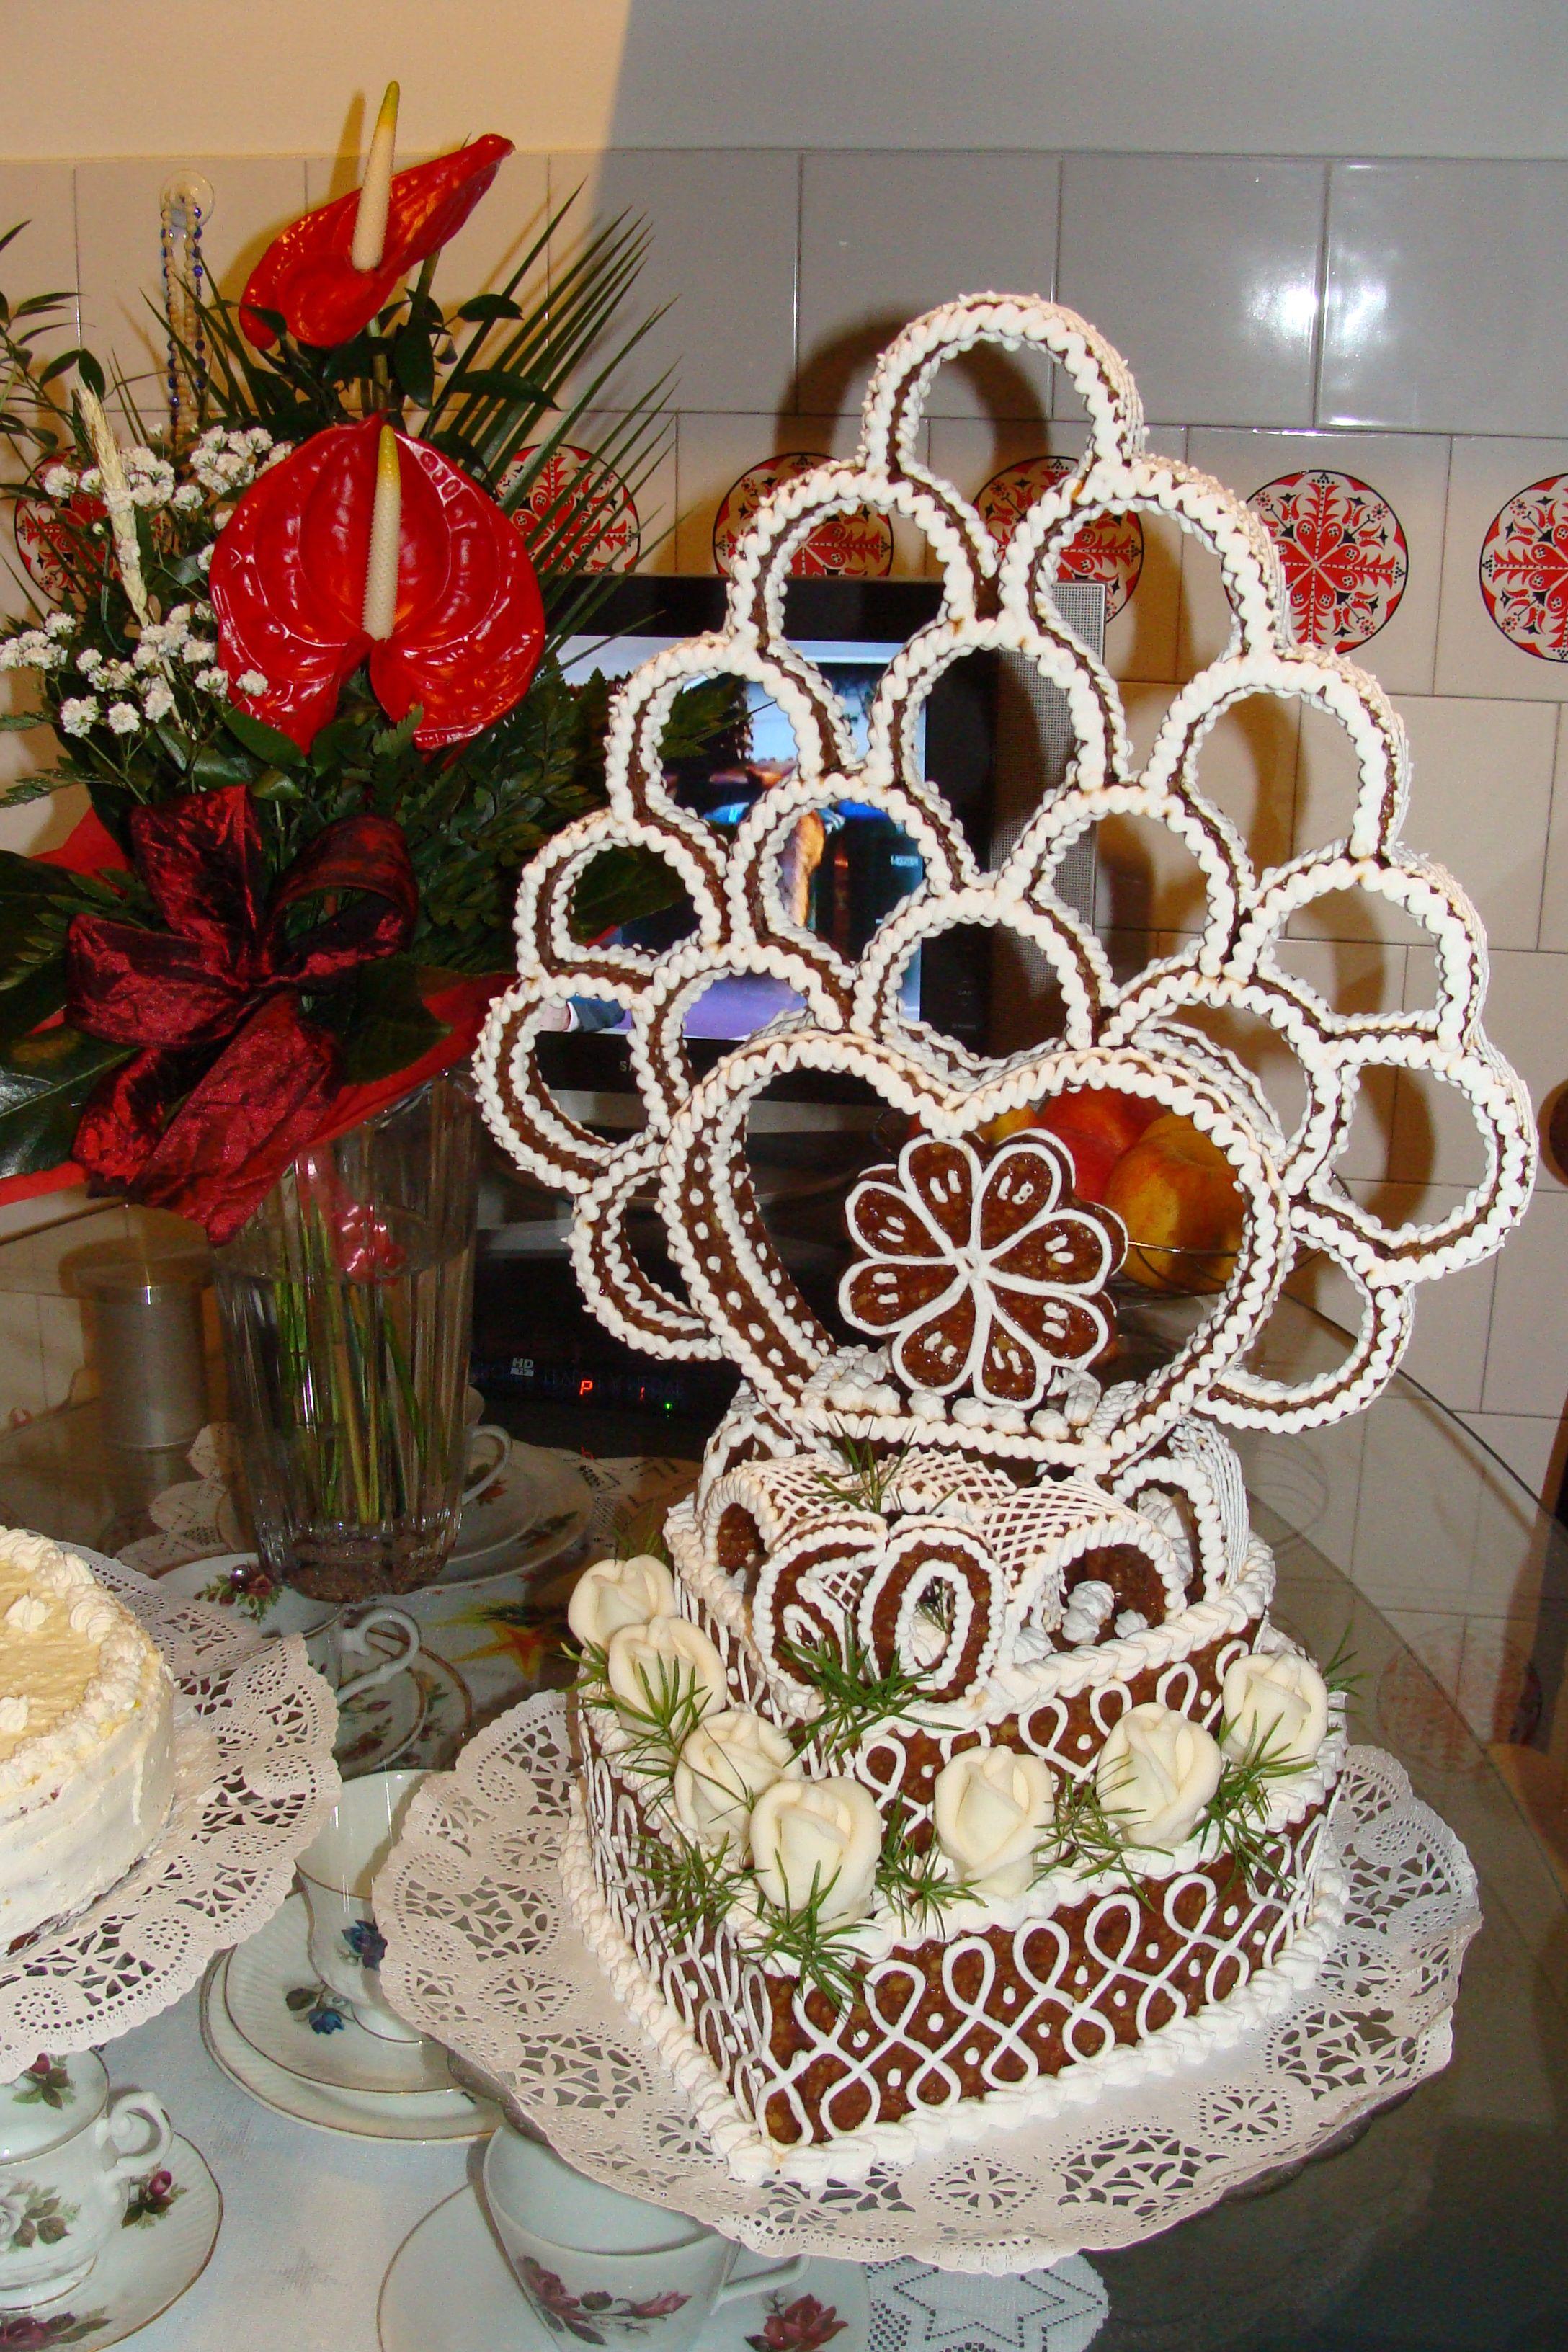 grillázs torta képek Grillázs torta, születésnapra. | Grillázs torta | Pinterest | Cake grillázs torta képek